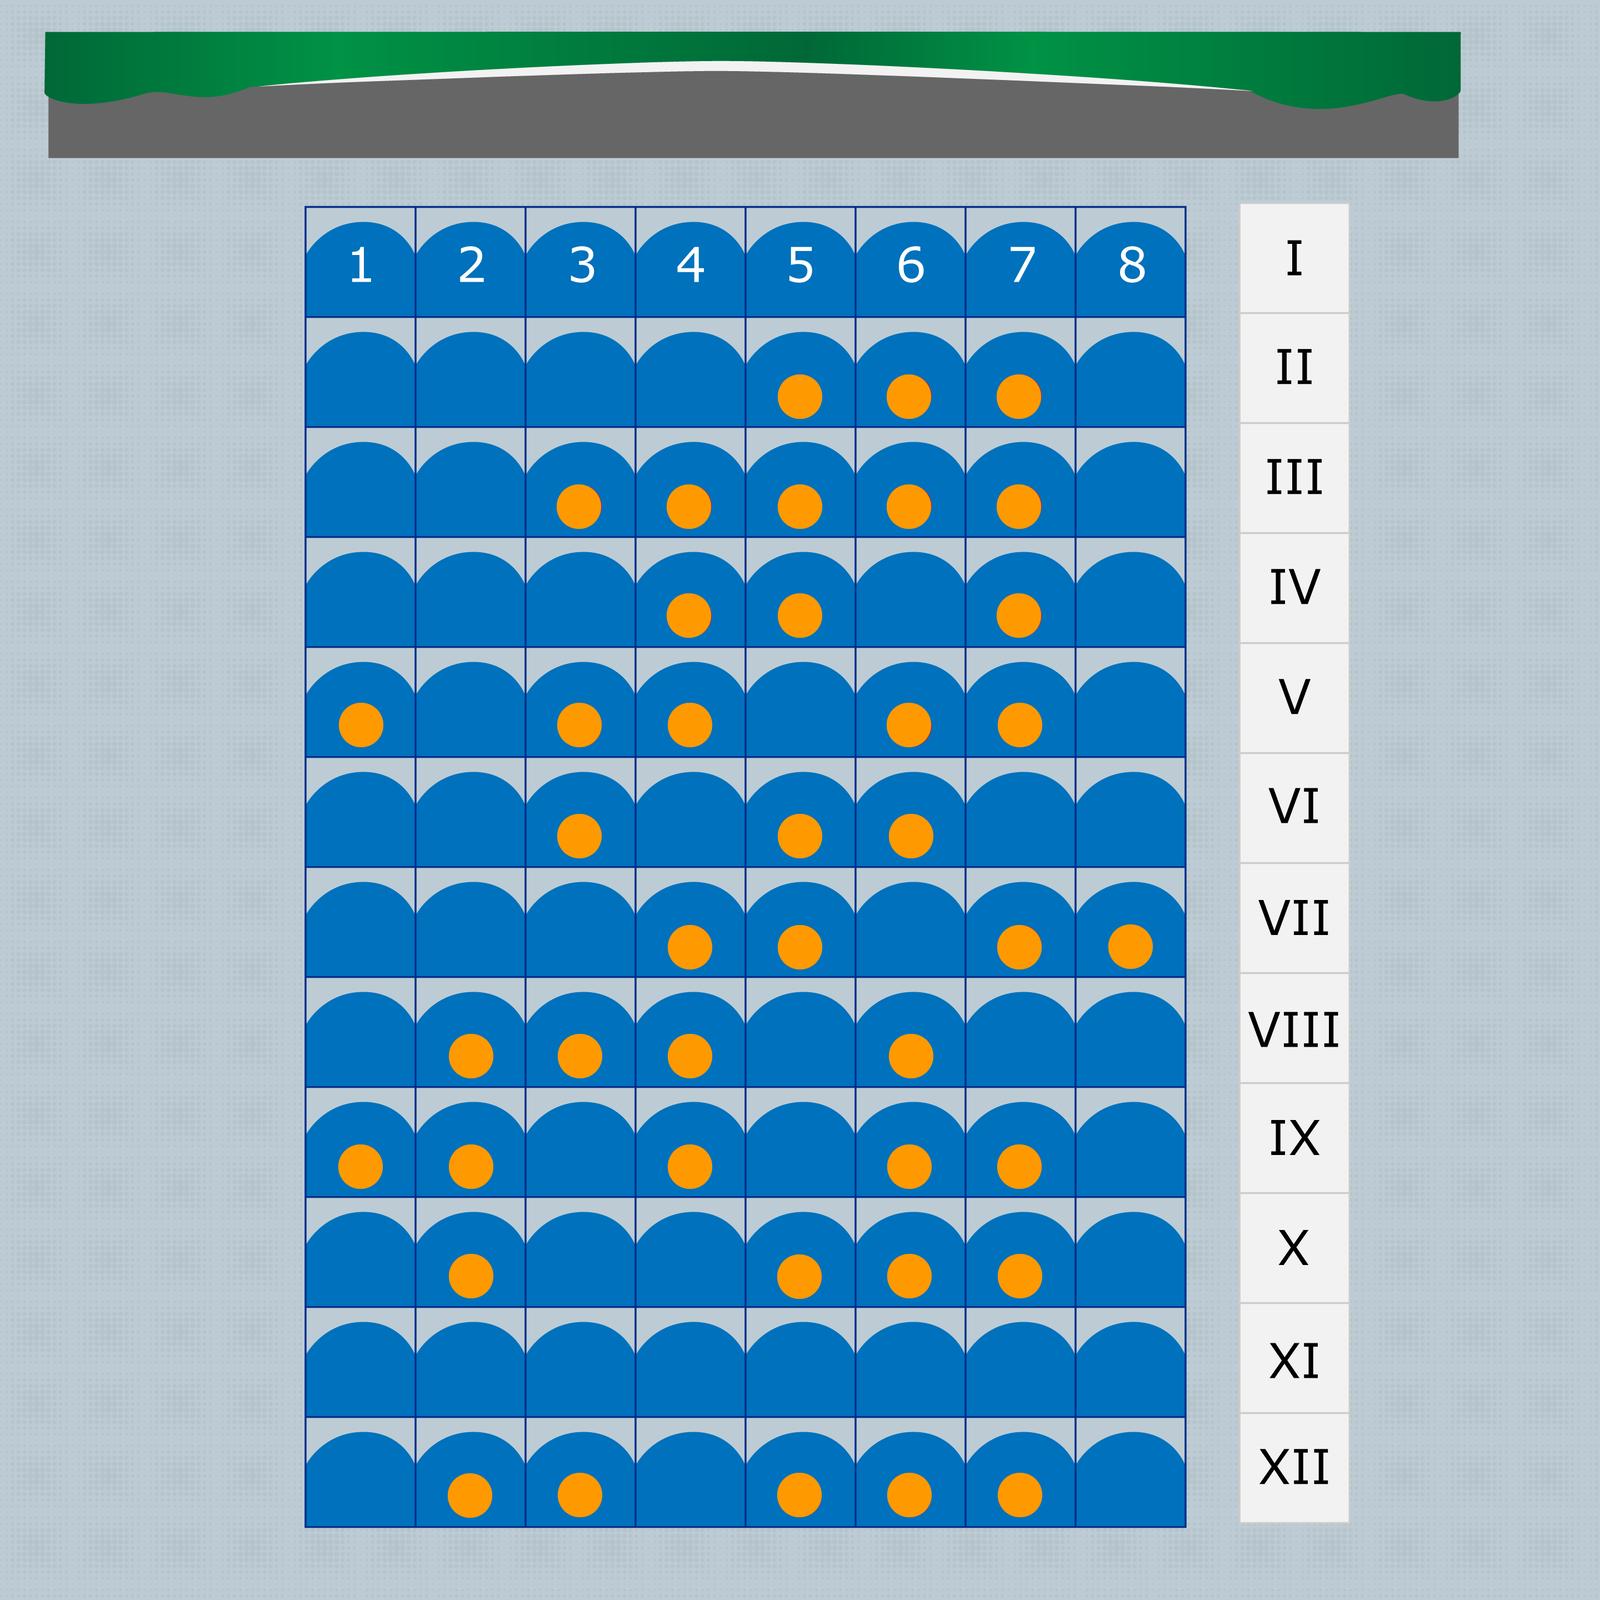 Animacja przedstawia schemat sali kinowej. Rzędy numerowane od Ido XII licząc od rzędu znajdującego się najbliżej ekranu. Miejsca numerowane od lewej do prawej strony. Wkażdym rzędzie znajduje się 8 miejsc siedzących. Wdrugim rzędzie zajęte miejsca: 5, 6 i7. Wtrzecim rzędzie: 3, 4, 5, 6 i7. Wczwartym rzędzie: 4, 5 i7. Wpiątym rzędzie: 1, 3, 4, 6 i7. Wszóstym rzędzie: 3, 5 i6. Wsiódmym rzędzie: 4, 5, 7 i8. Wósmym rzędzie: 2, 3, 4 i6. Wdziewiątym: 1, 2, 4, 6 i7. Wdziesiątym: 2, 5, 6 i7. Wdwunastym: 2, 3, 5, 6 i7.